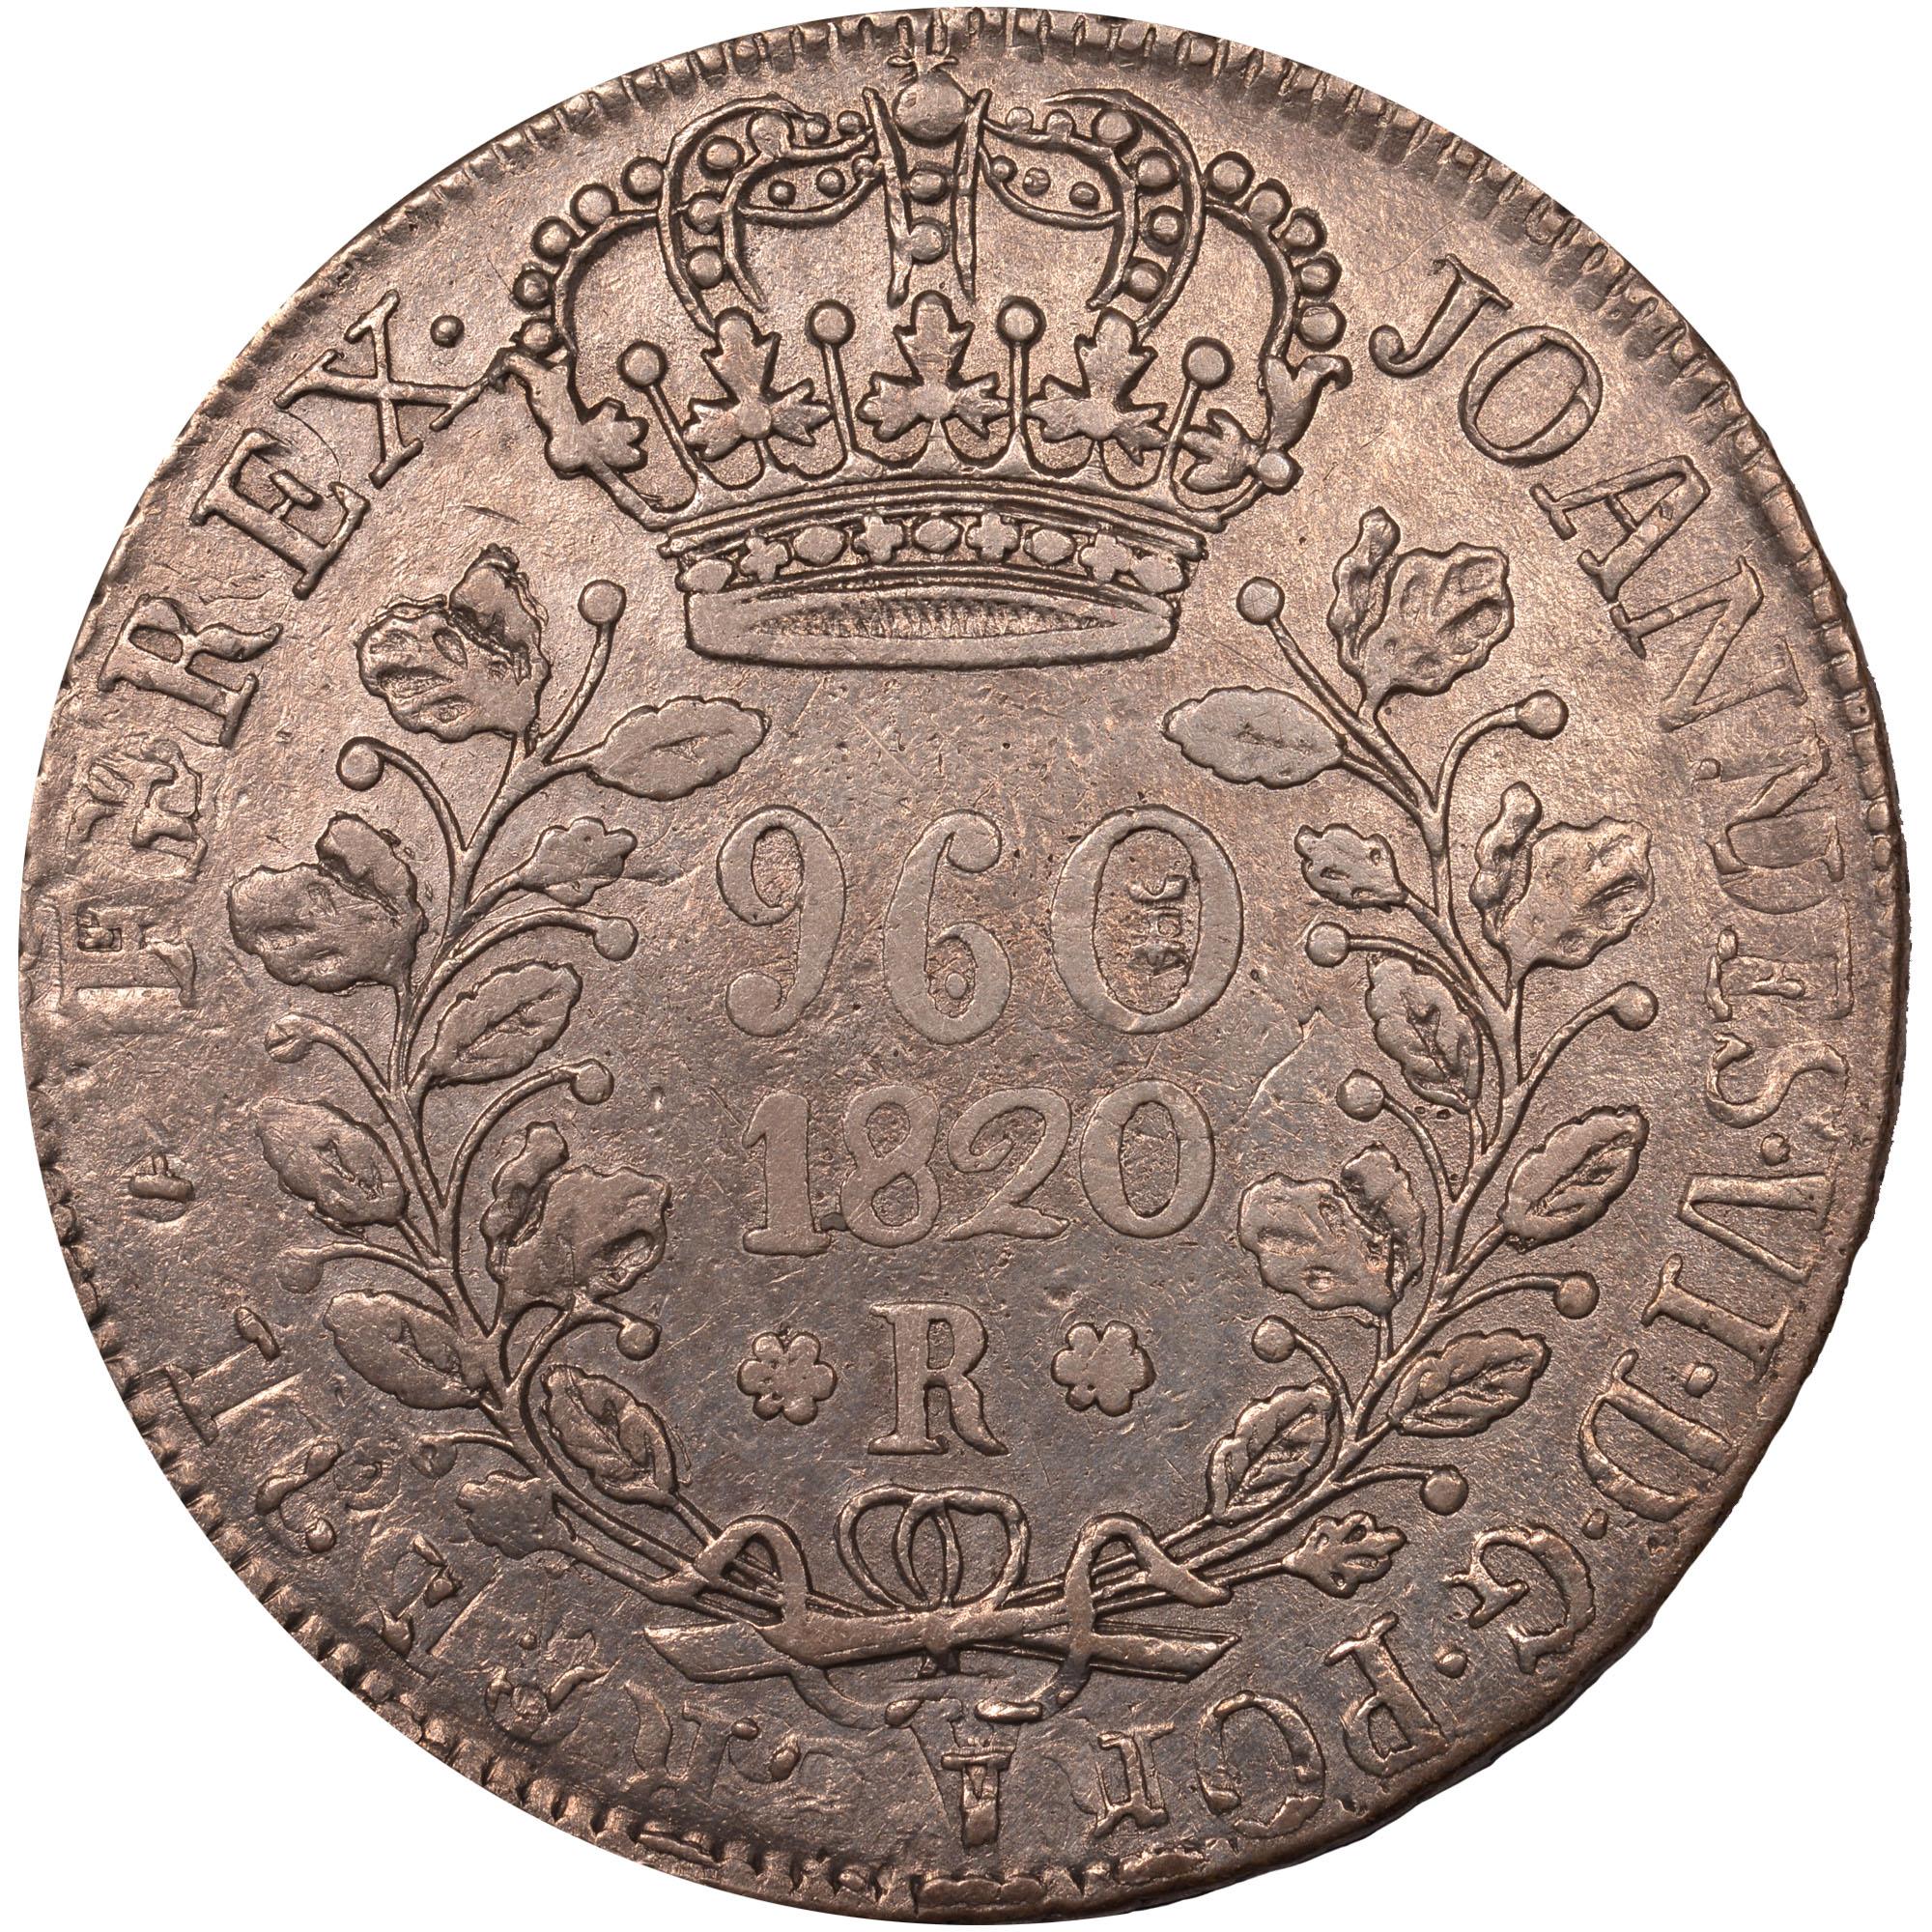 1818-1822 Brazil 960 Reis obverse